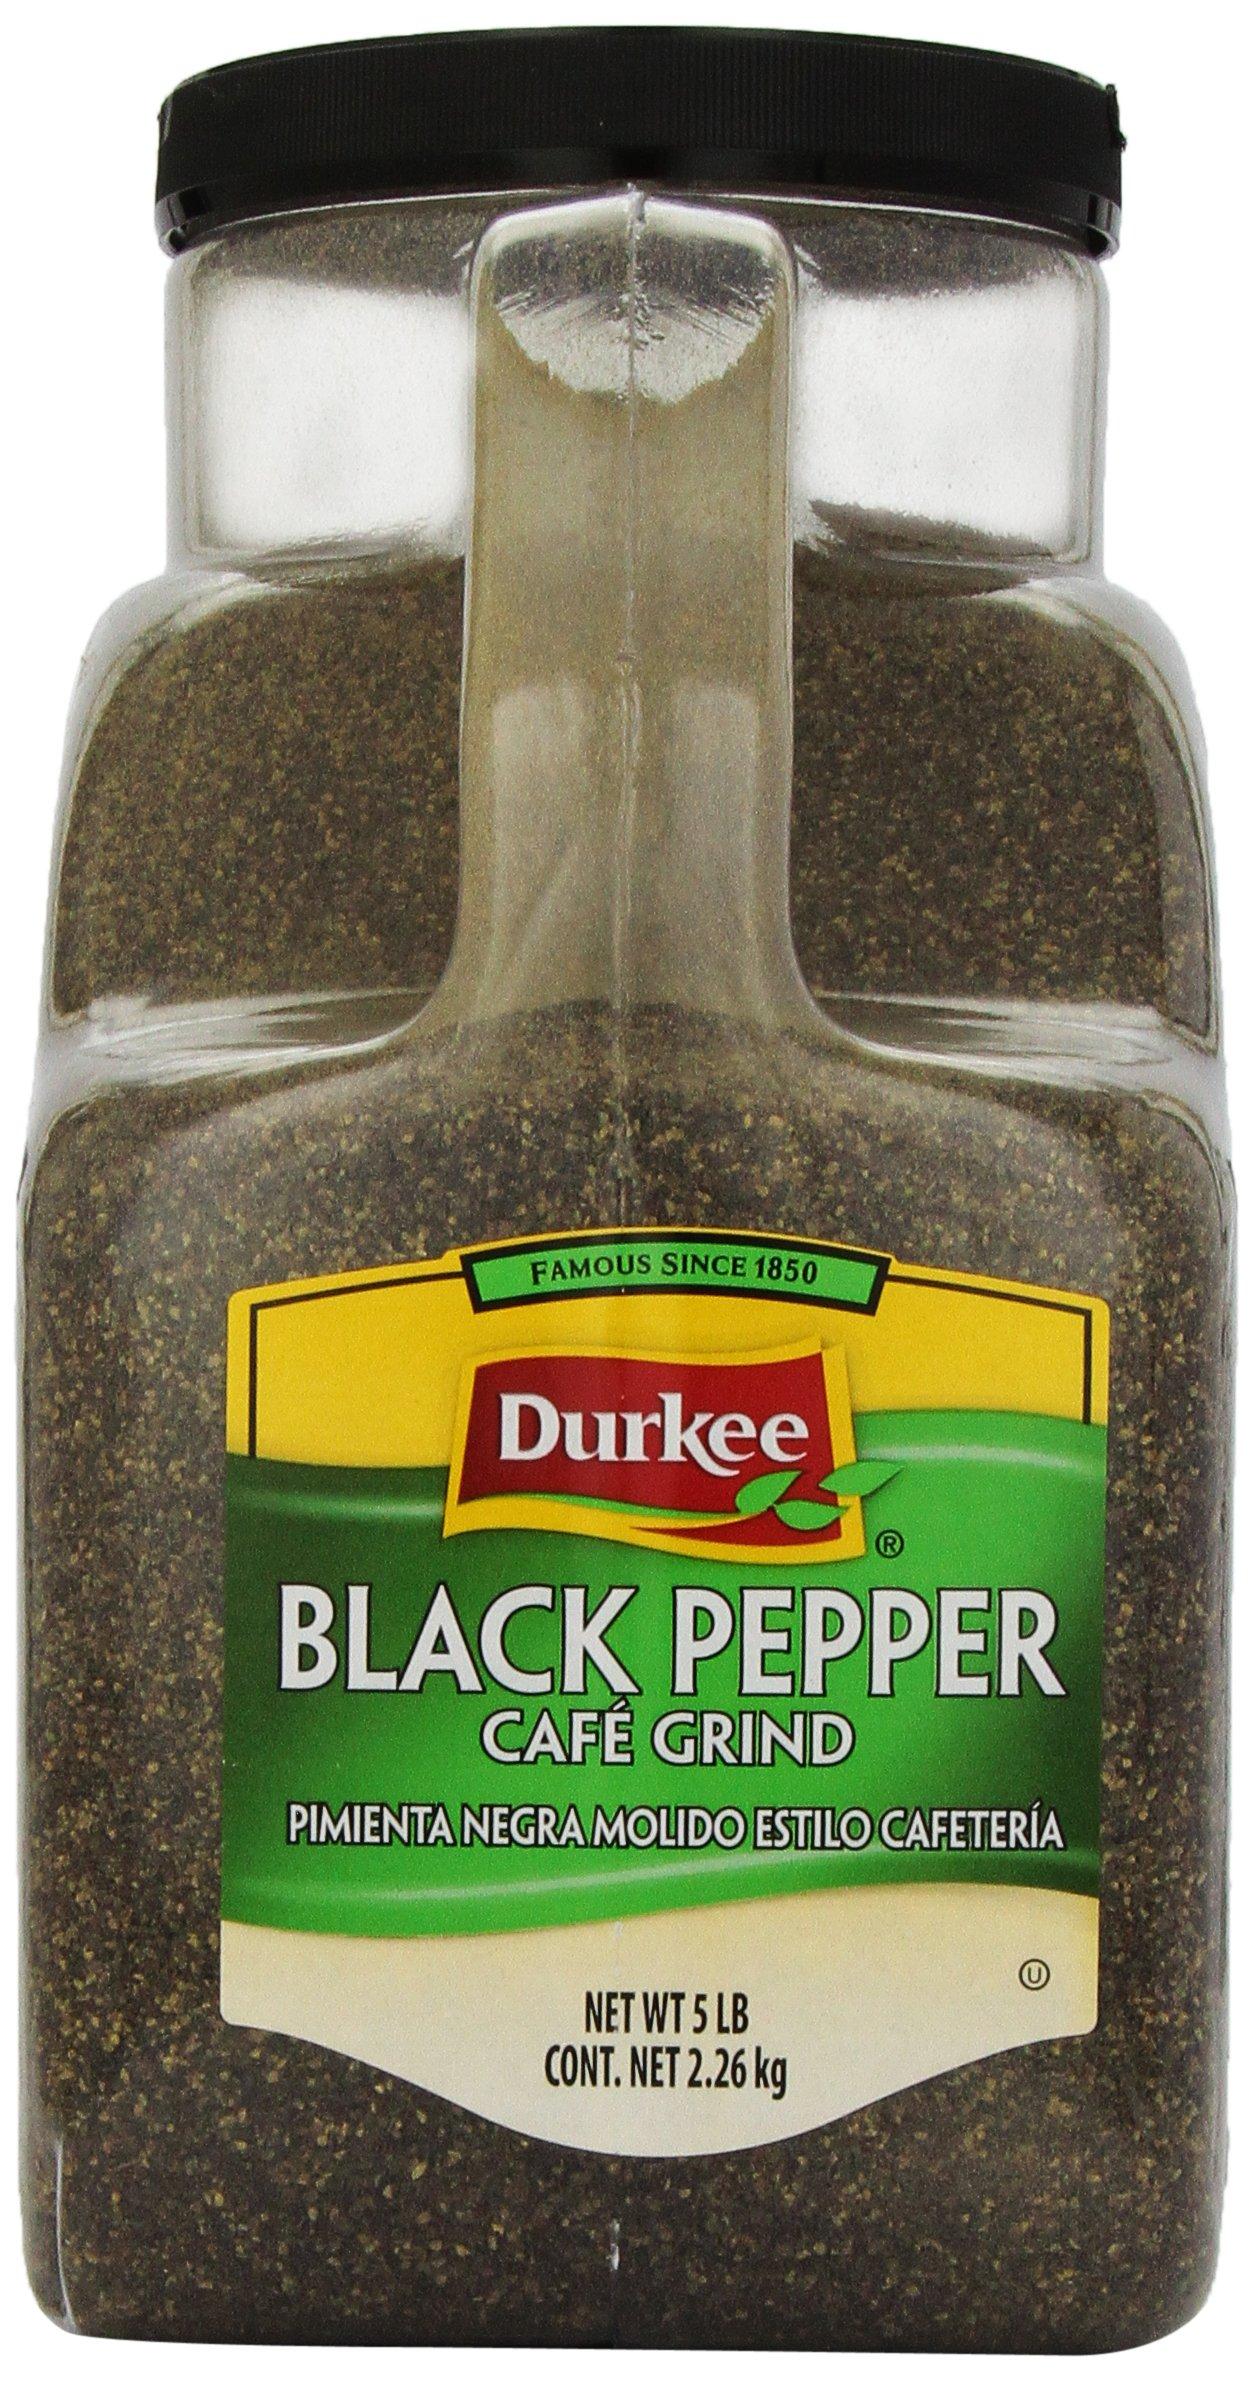 Durkee Black Pepper, Caf? Grind, 5-Pound